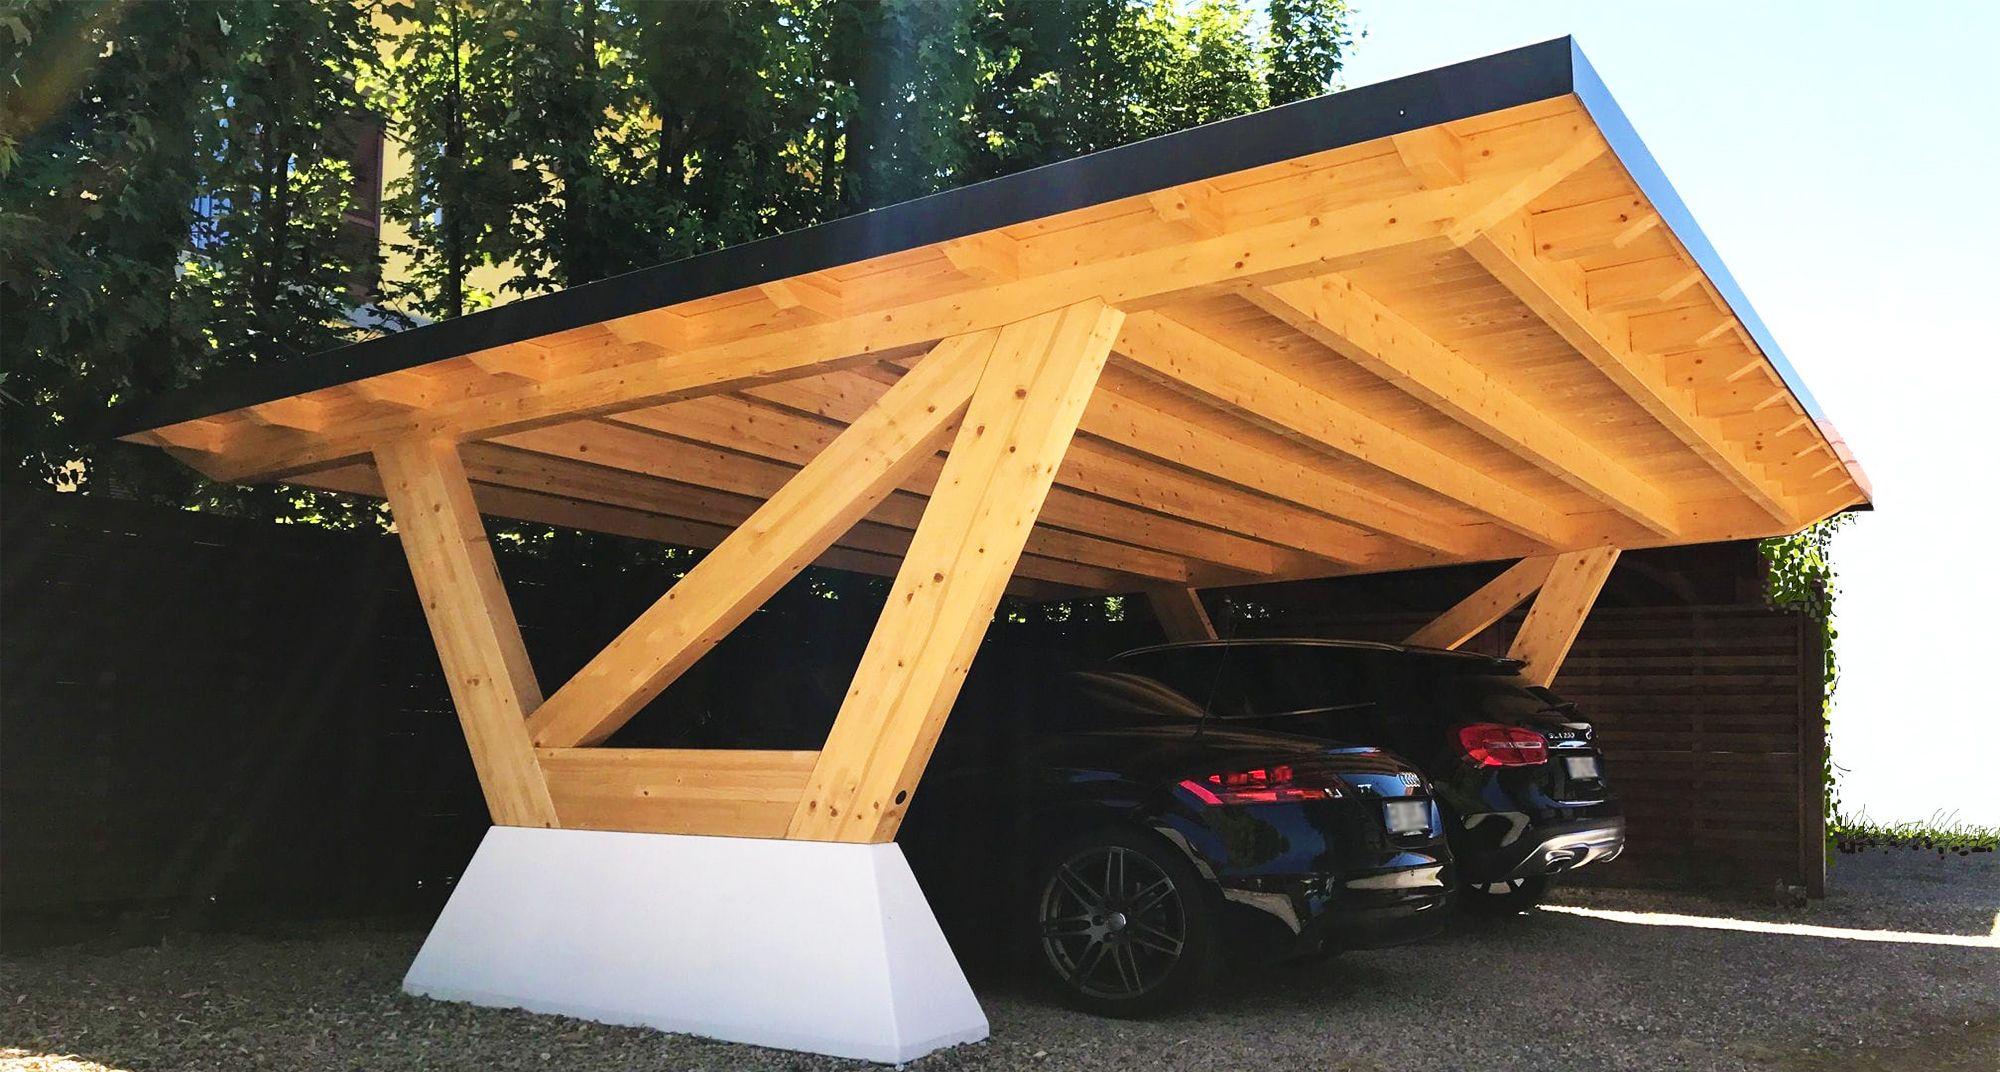 Amore legnami srl tetti in legno strutture in legno for Durata case in legno